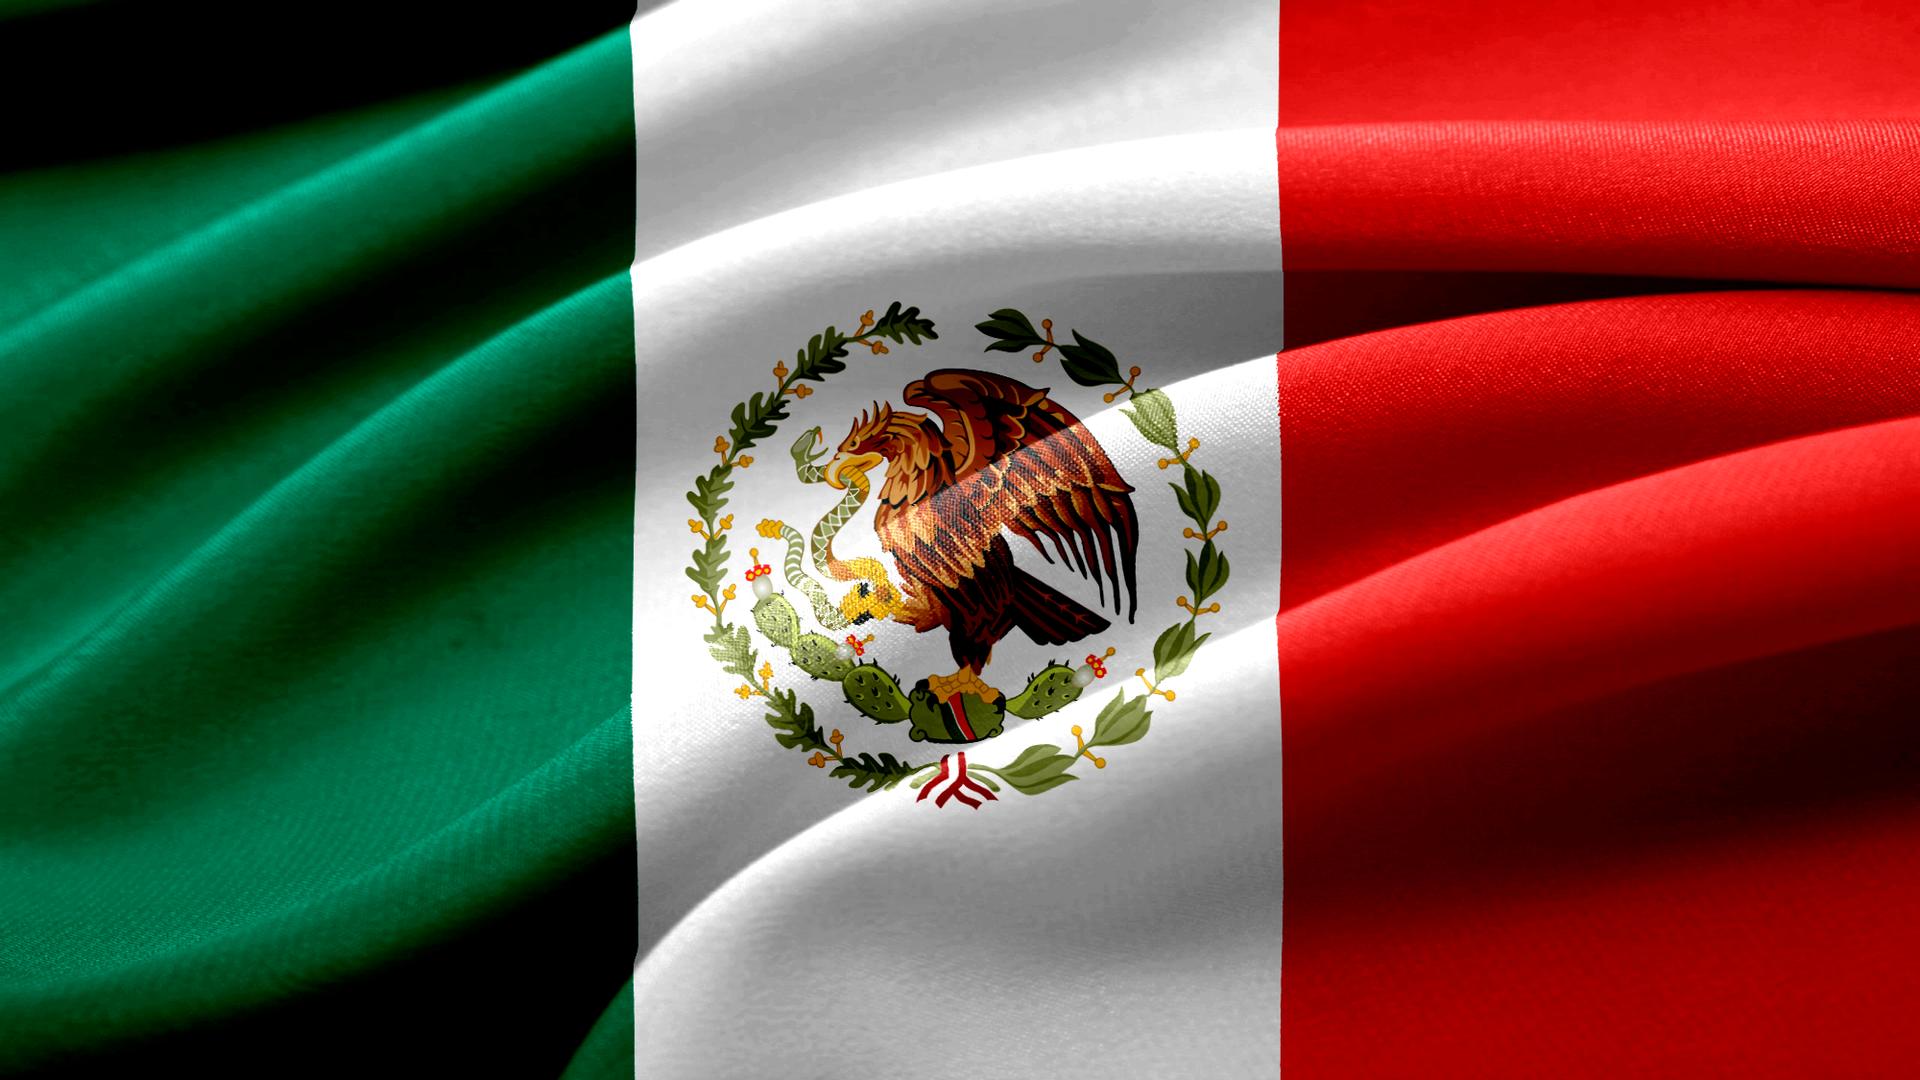 Bandera de México - Sputnik Mundo, 1920, 21.01.2021